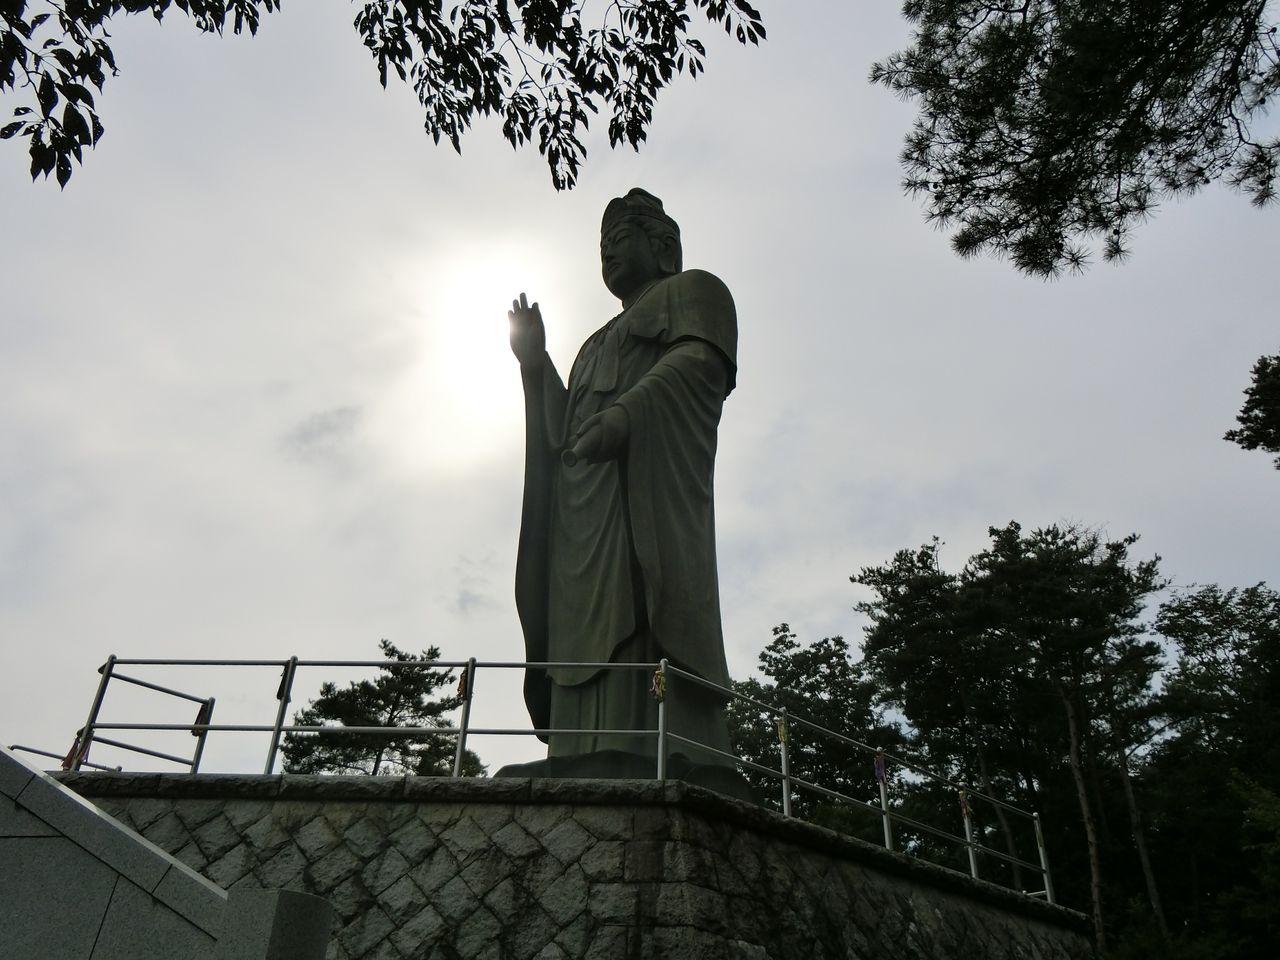 2017/07/16(日) 塩船観音 東京都 : ウシ子とウシ夫の牛歩旅